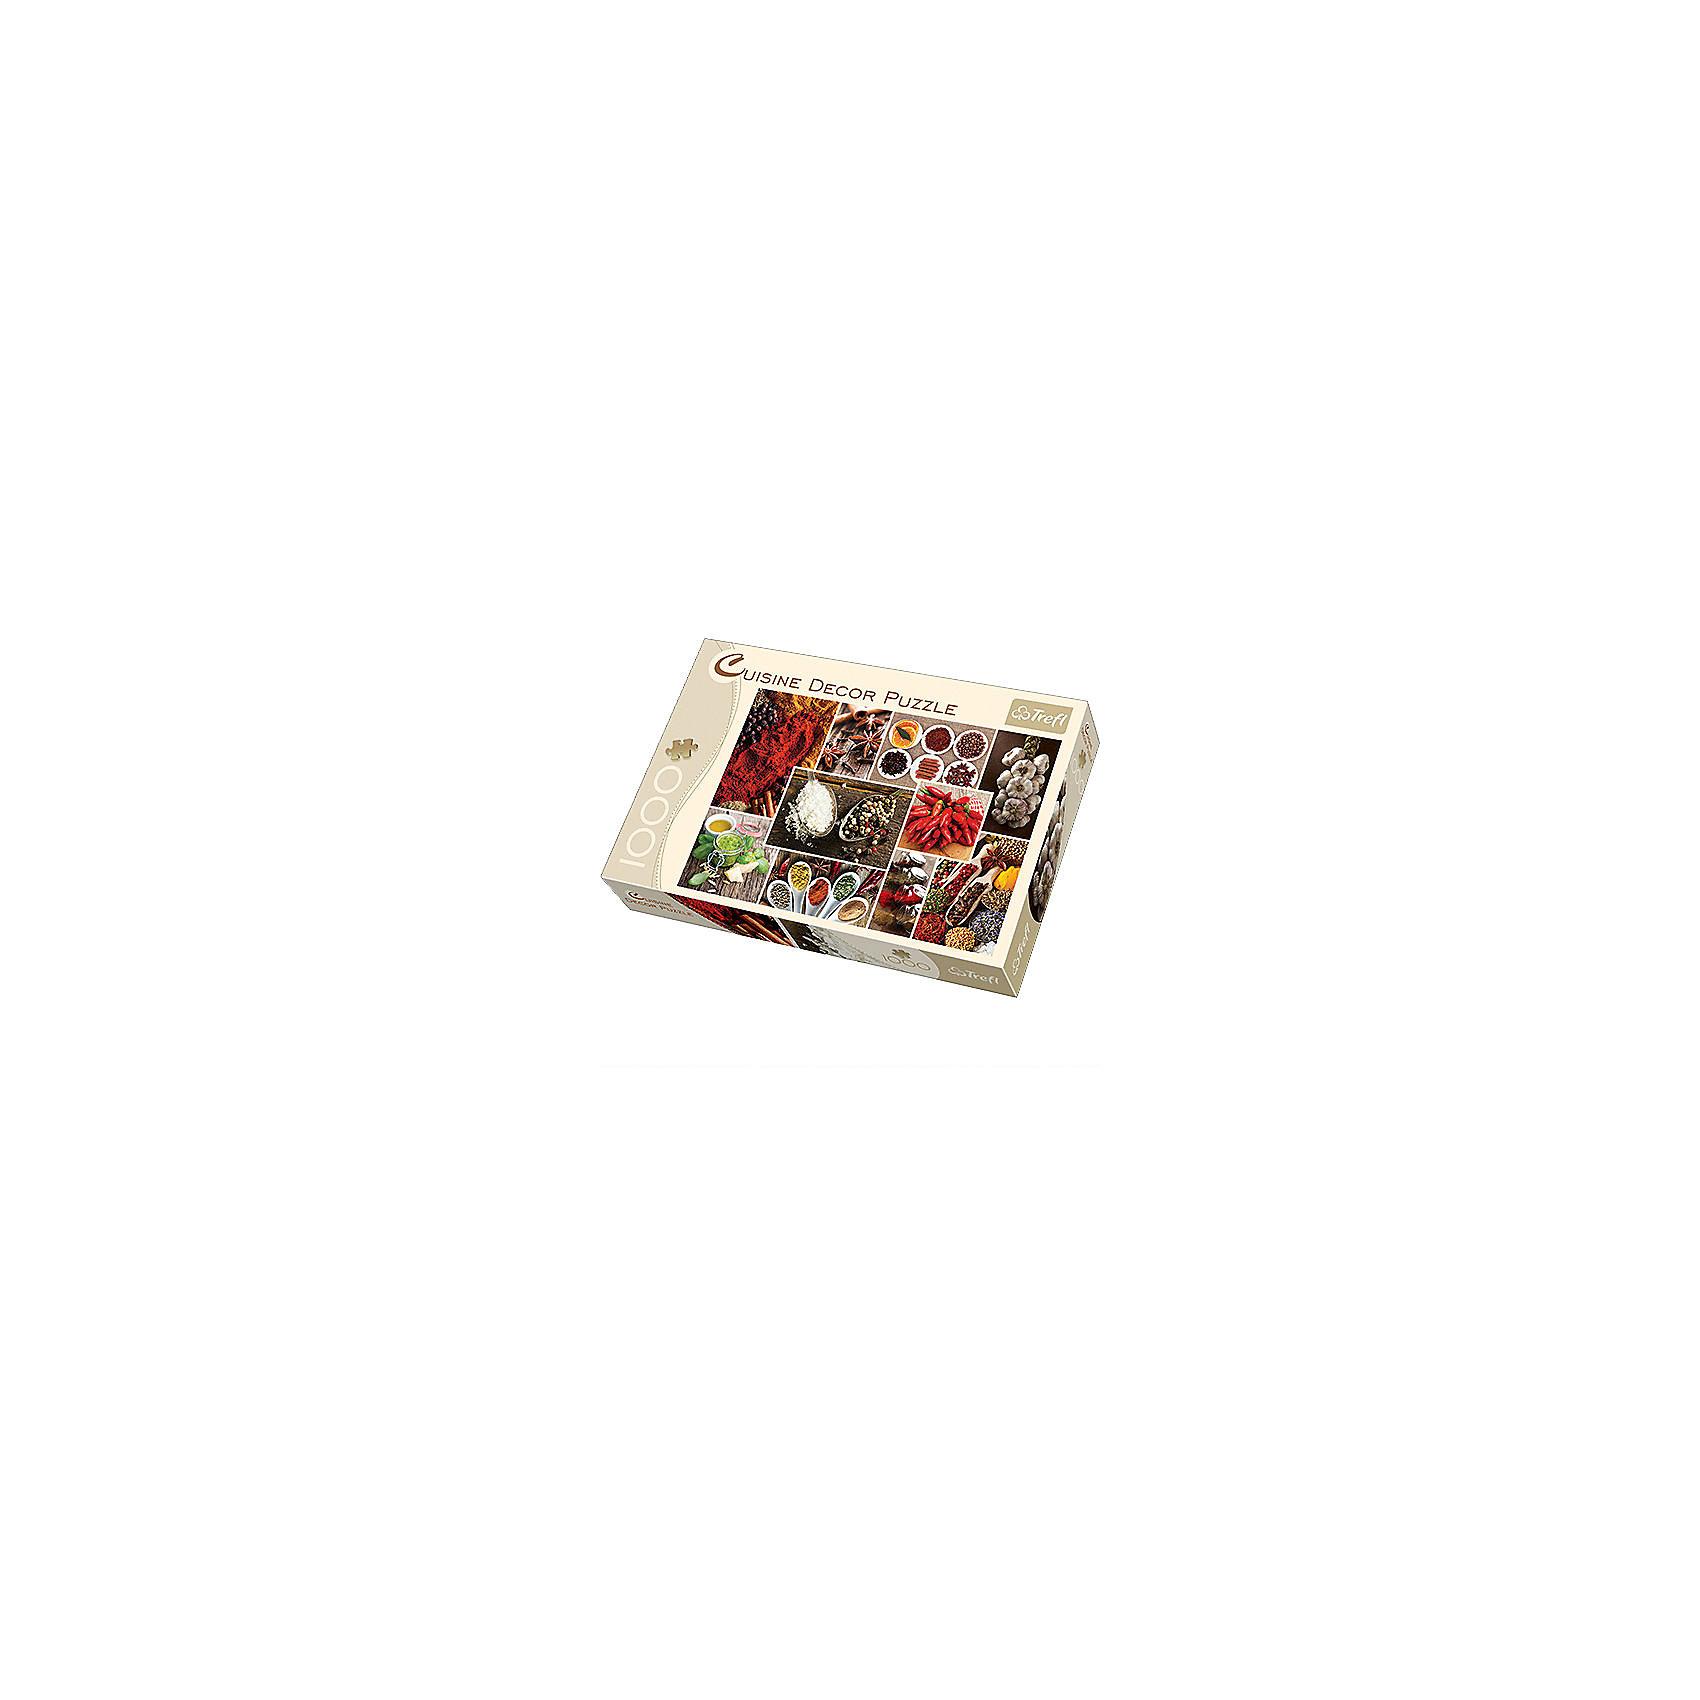 Пазл Специи - коллаж, 1000 деталей, TreflКлассические пазлы<br>Любителям всевозможных душистых приправ и красочных коллажей, способных украсить даже самый взыскательный кухонный интерьер, придется по душе новая серия больших пазлов от Trefl — Cusine Decor Puzzle. Высококачественное изображение, отличающееся реалистичностью, приятные на ощупь детали с железной сцепкой, которые сделаны с небывалой аккуратностью, — вот, за что выбирают именно этого производителя пазлов, получившего широкую известность во всем мире. <br>Собирайте пазл большой дружной компанией, ведь деталей хватит всем! Вы можете распределить их по цвету, чтобы легче было собирать разрозненные картинки коллажа. На готовом изображении соседствуют связка полезного чесночка и красного перца, душистый имбирь и трубочки корицы, а также множество других вещиц, без которых блюдо нельзя считать завершенным. <br><br>Дополнительная информация:<br><br>Размеры упаковки: 335 х 230 х 40 мм. <br>Размер готового изображения: 683 х 480 мм.<br>Количество деталей: 1000. <br><br>Пазл Специи - коллаж, 1000 деталей, Trefl можно купить в нашем магазине.<br><br>Ширина мм: 230<br>Глубина мм: 335<br>Высота мм: 40<br>Вес г: 750<br>Возраст от месяцев: 144<br>Возраст до месяцев: 192<br>Пол: Унисекс<br>Возраст: Детский<br>SKU: 4574017